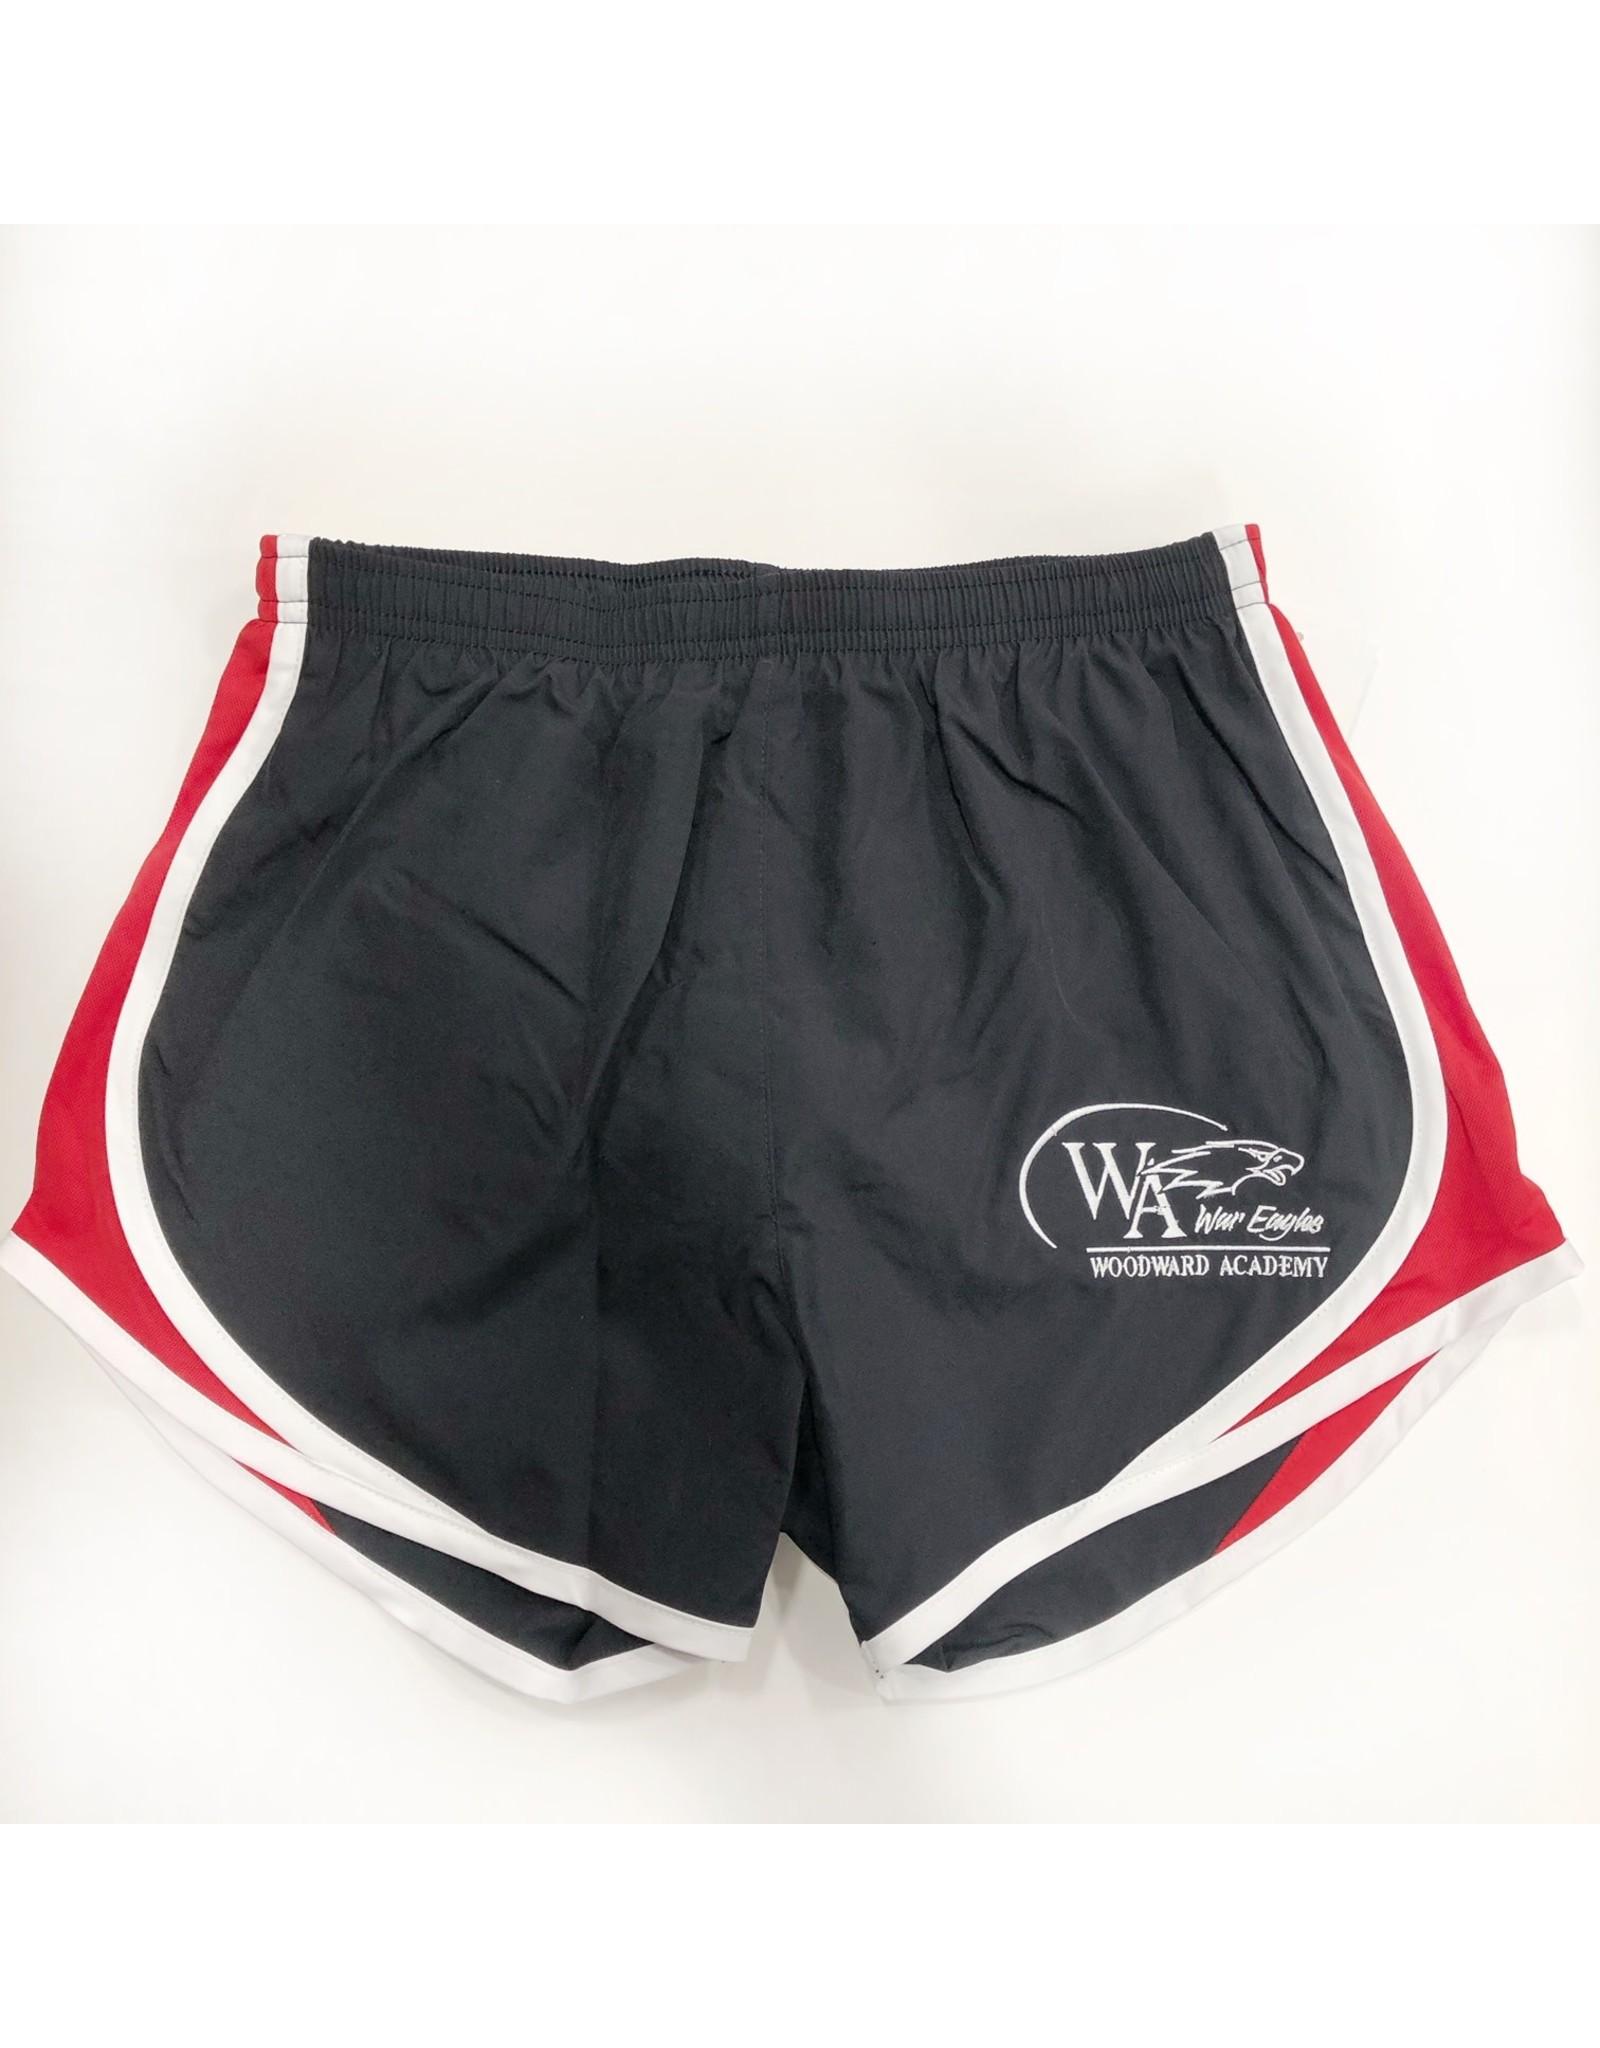 NIKE Ladies WA Shorts